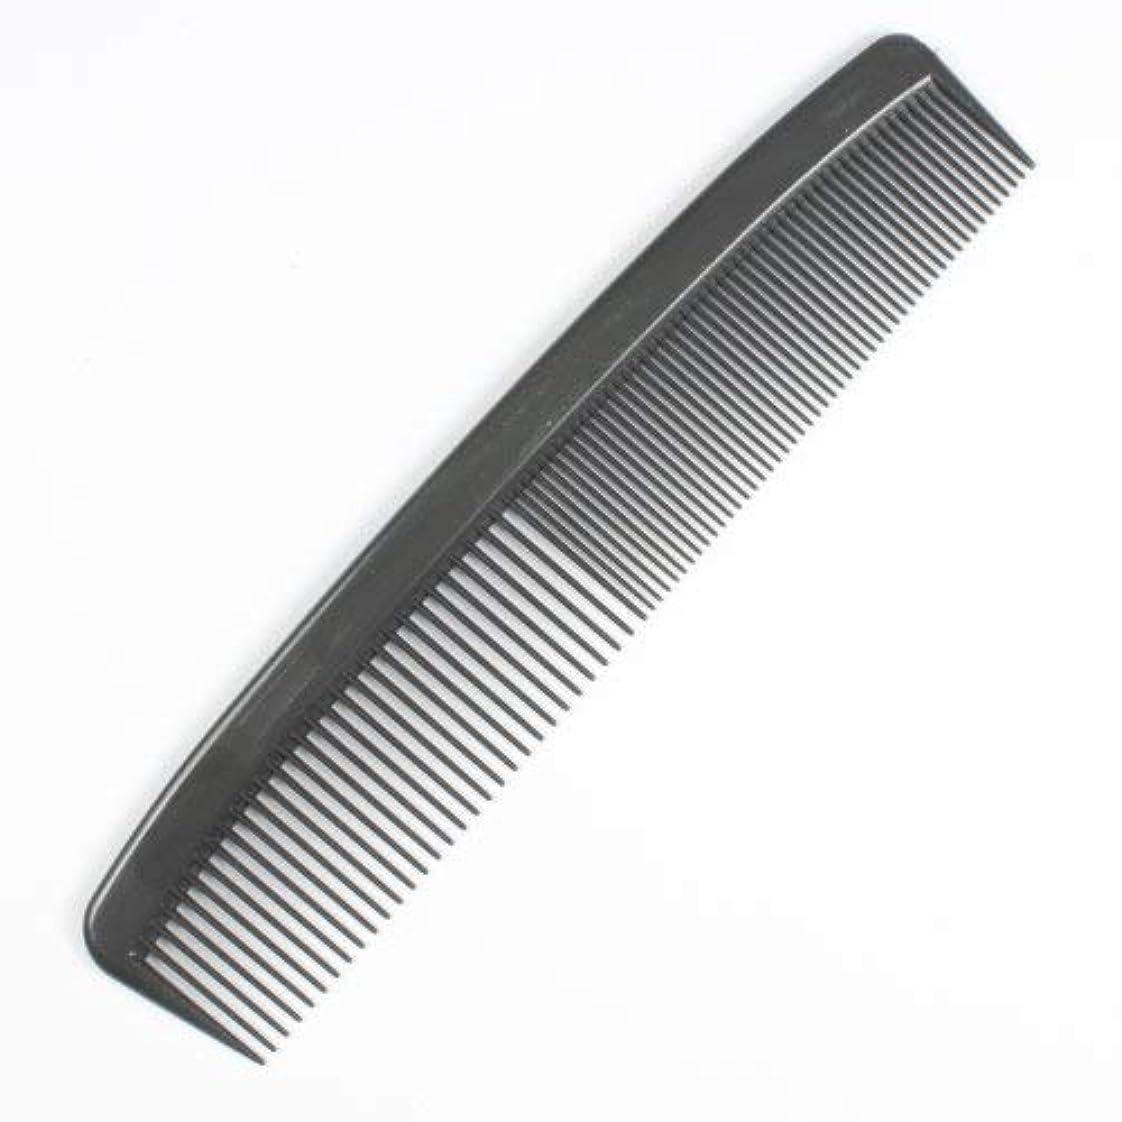 振り返るベット理由Dynarex Adult Combs, 5 Inches, Black, 240 Count [並行輸入品]